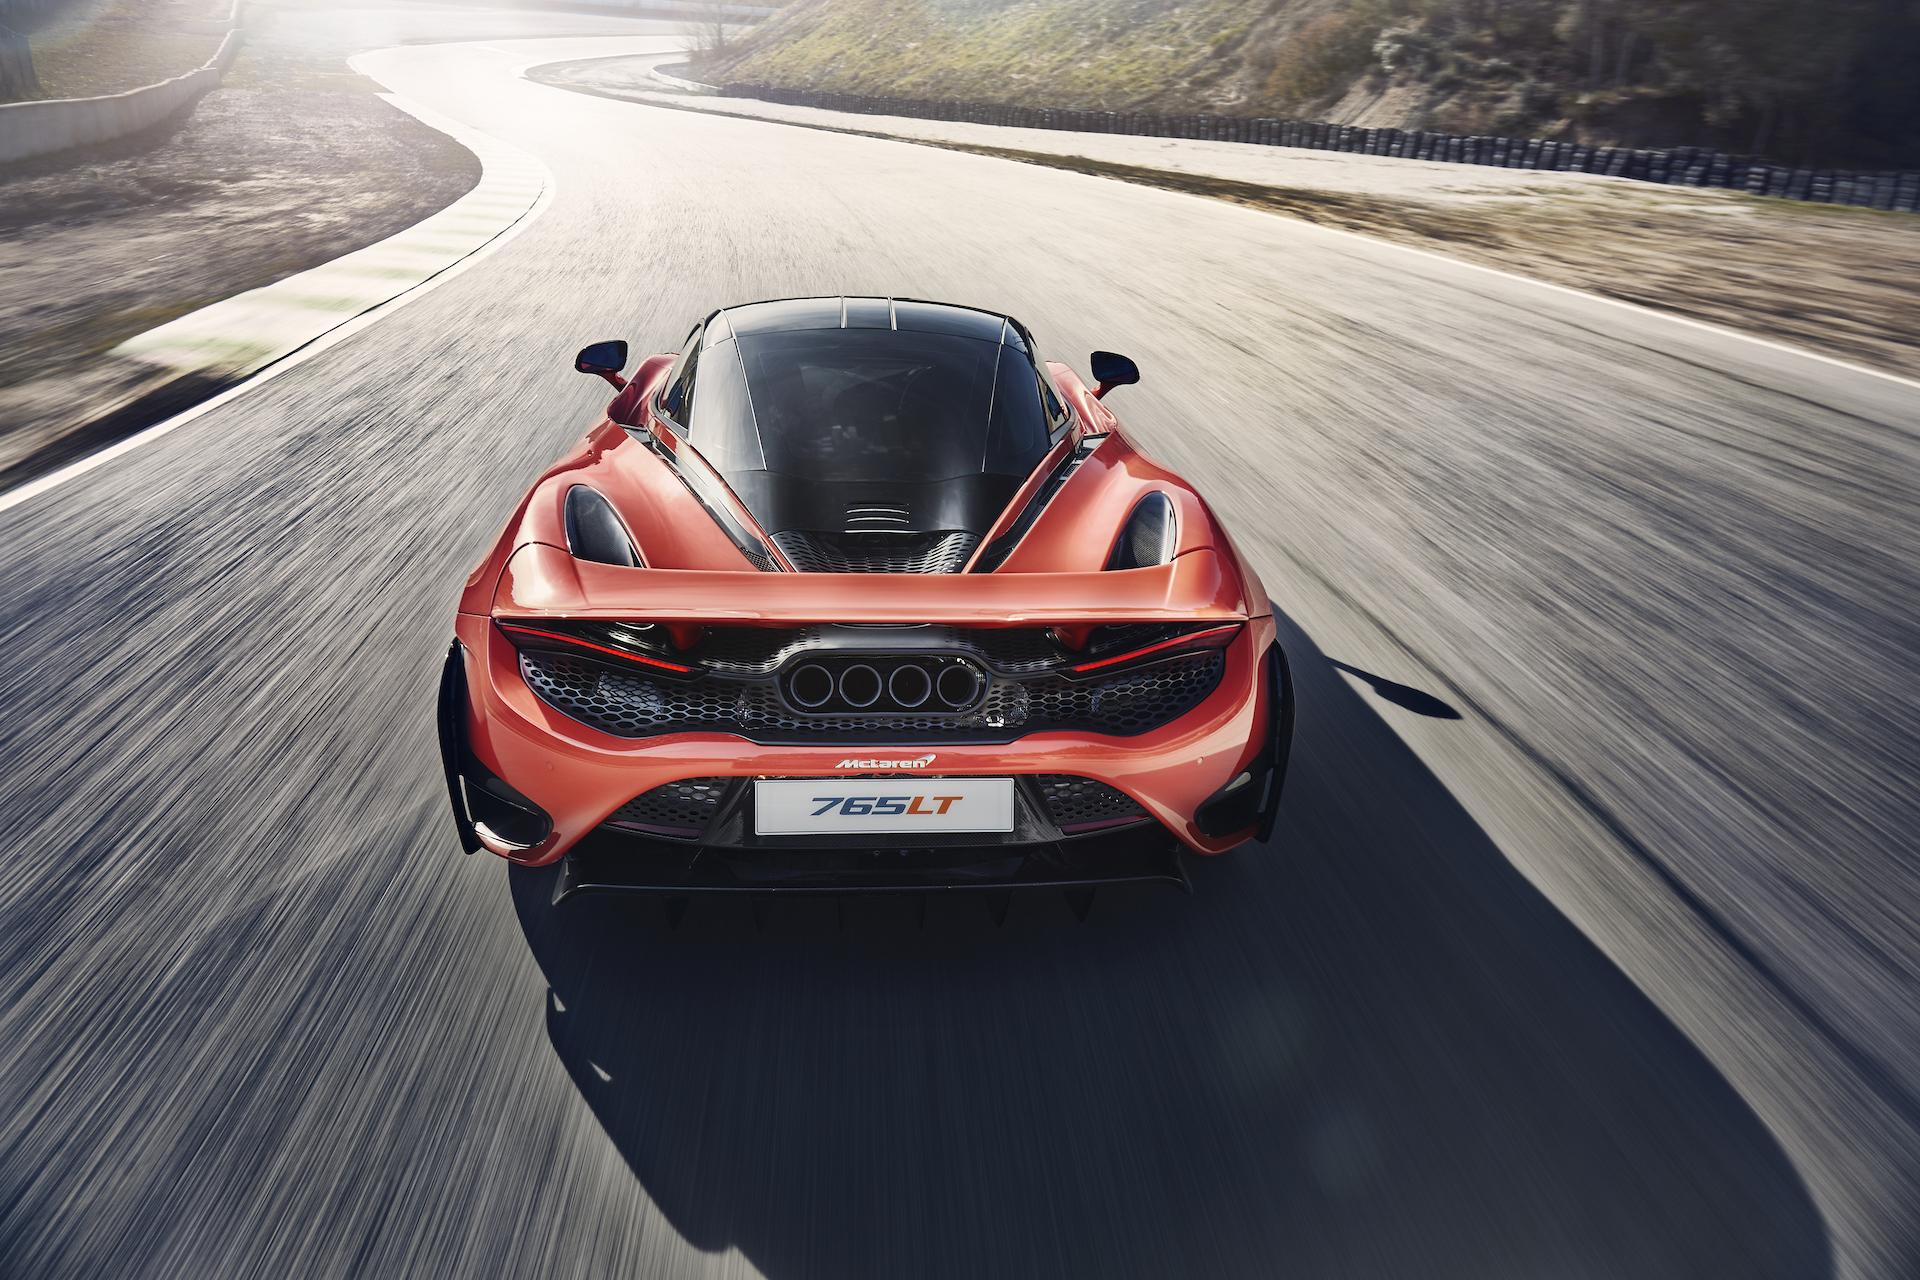 Leichter, leistungsfähiger, noch attraktiver: Der neue 765LT wird vorgestellt 5